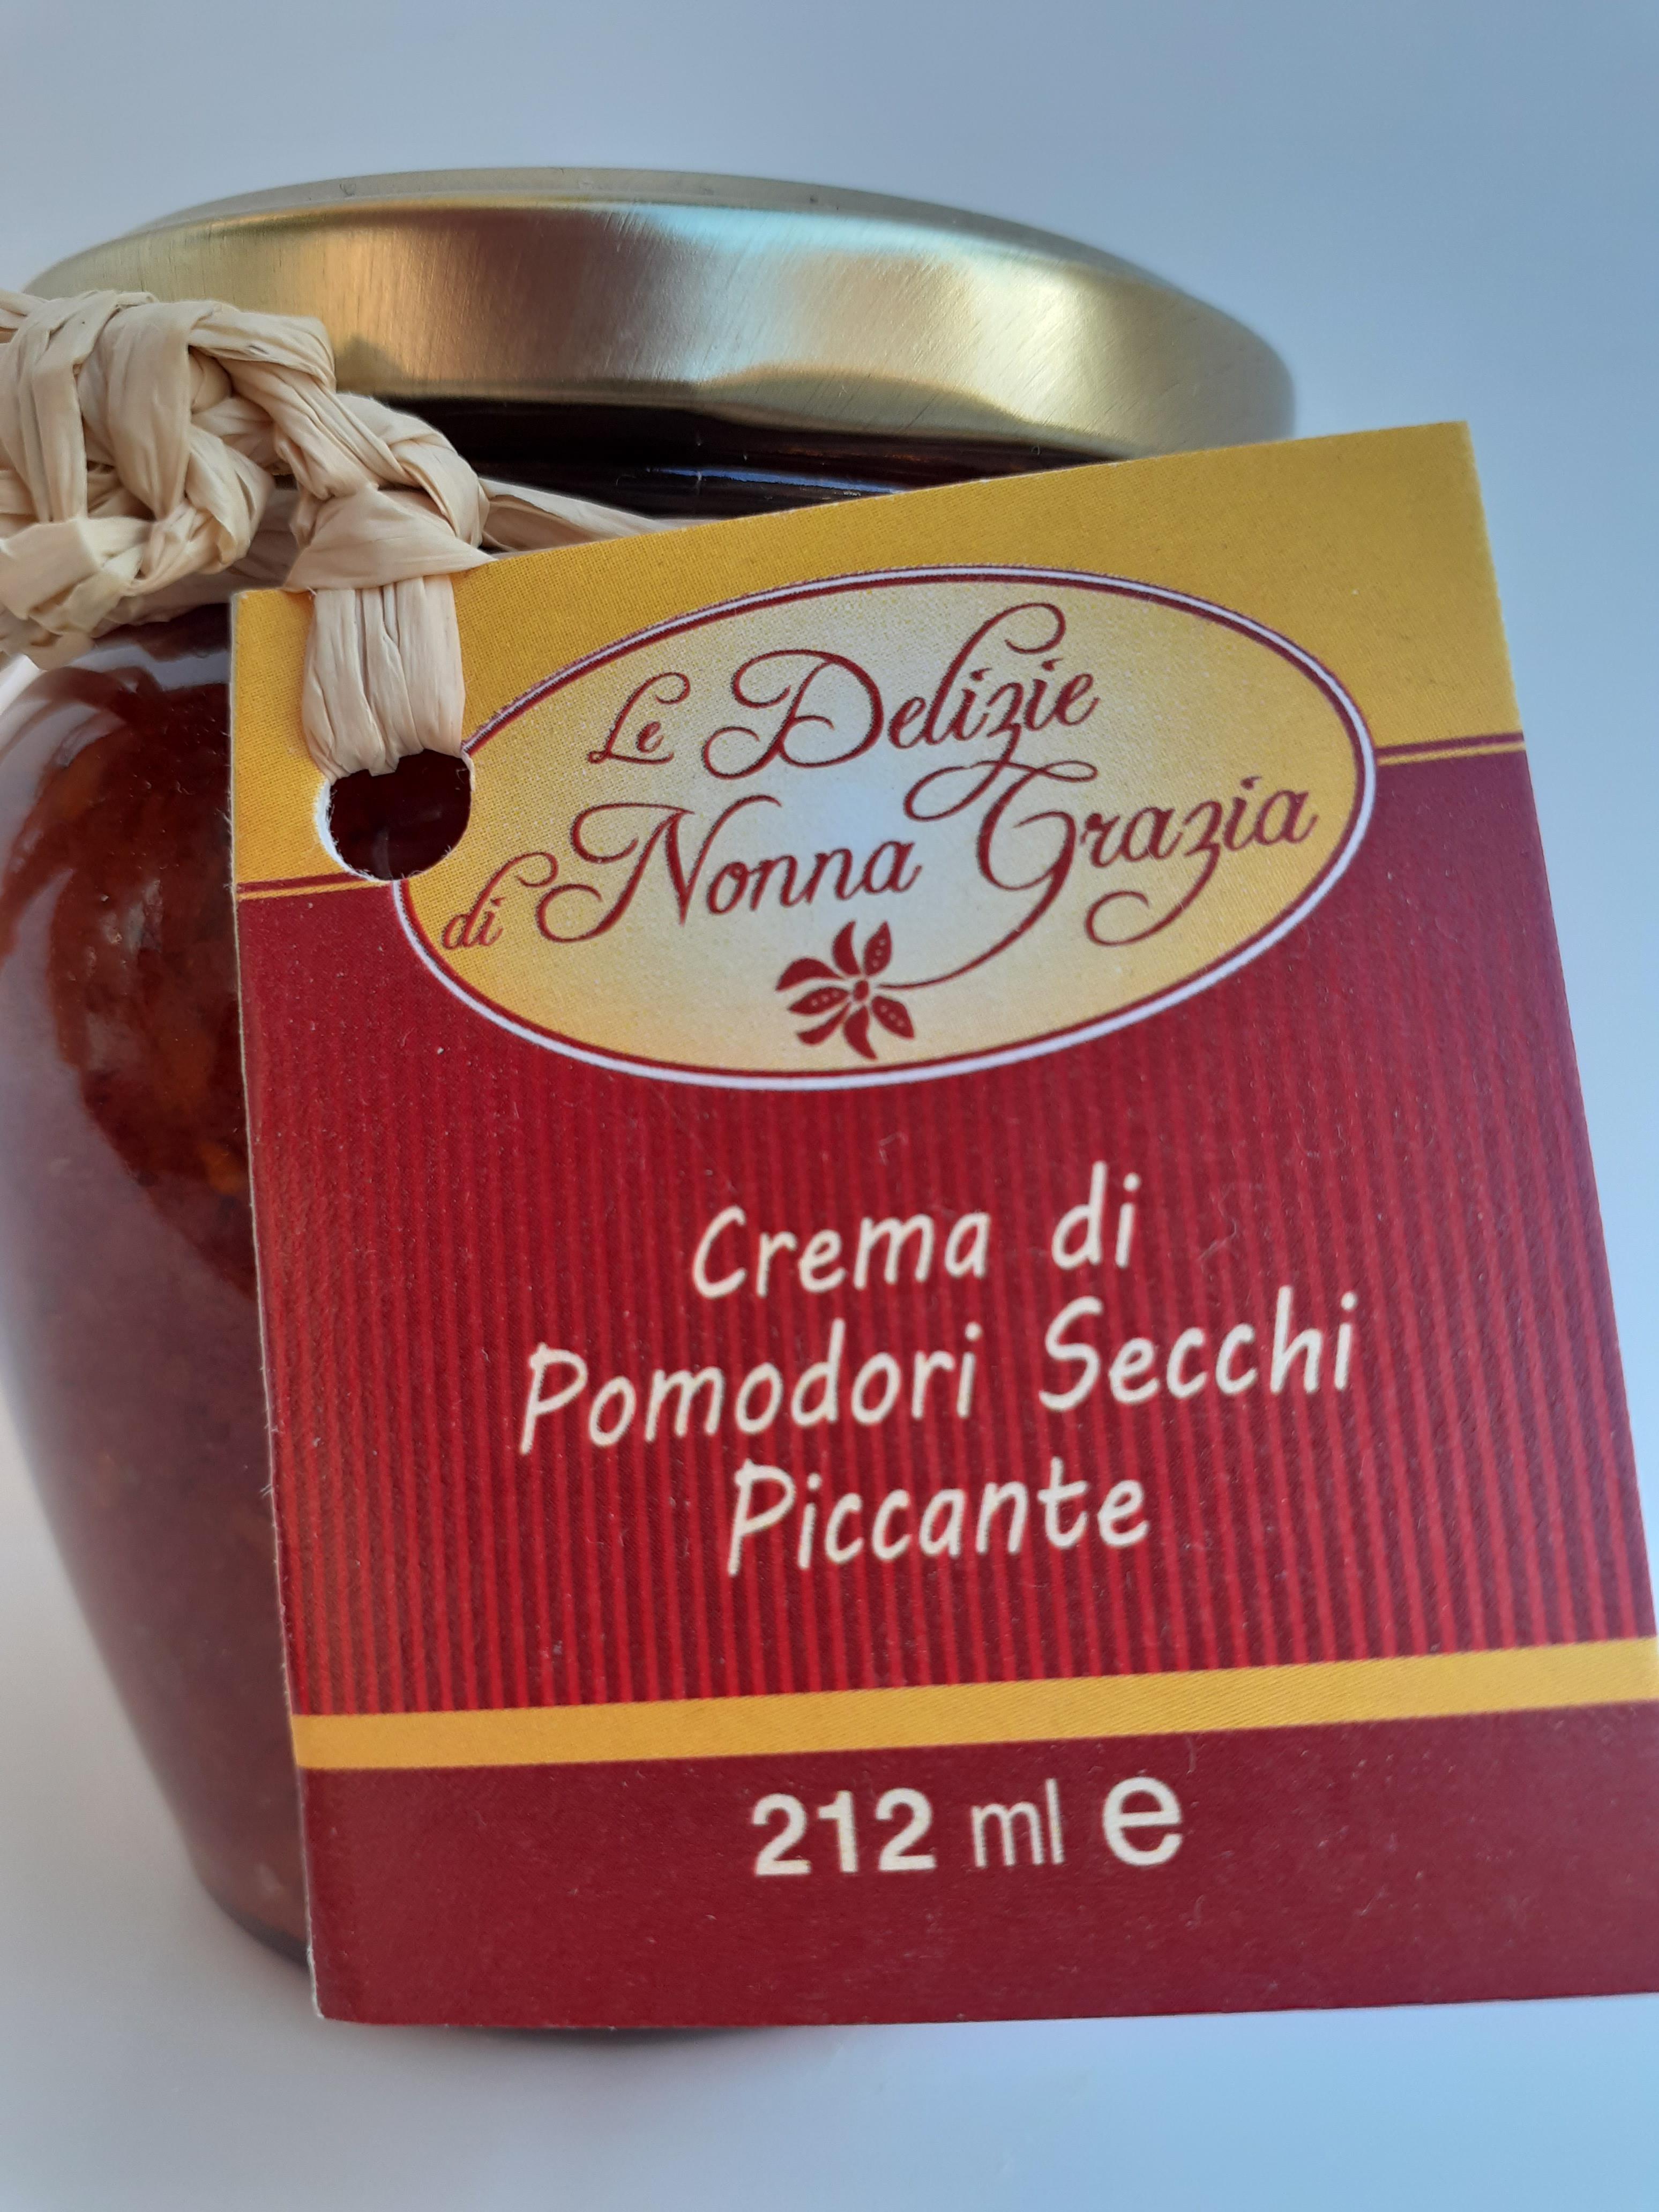 Crema di Pomodori Secchi Piccante peso netto 190 gr Azienda Tremuse Melia di Scilla (RC)